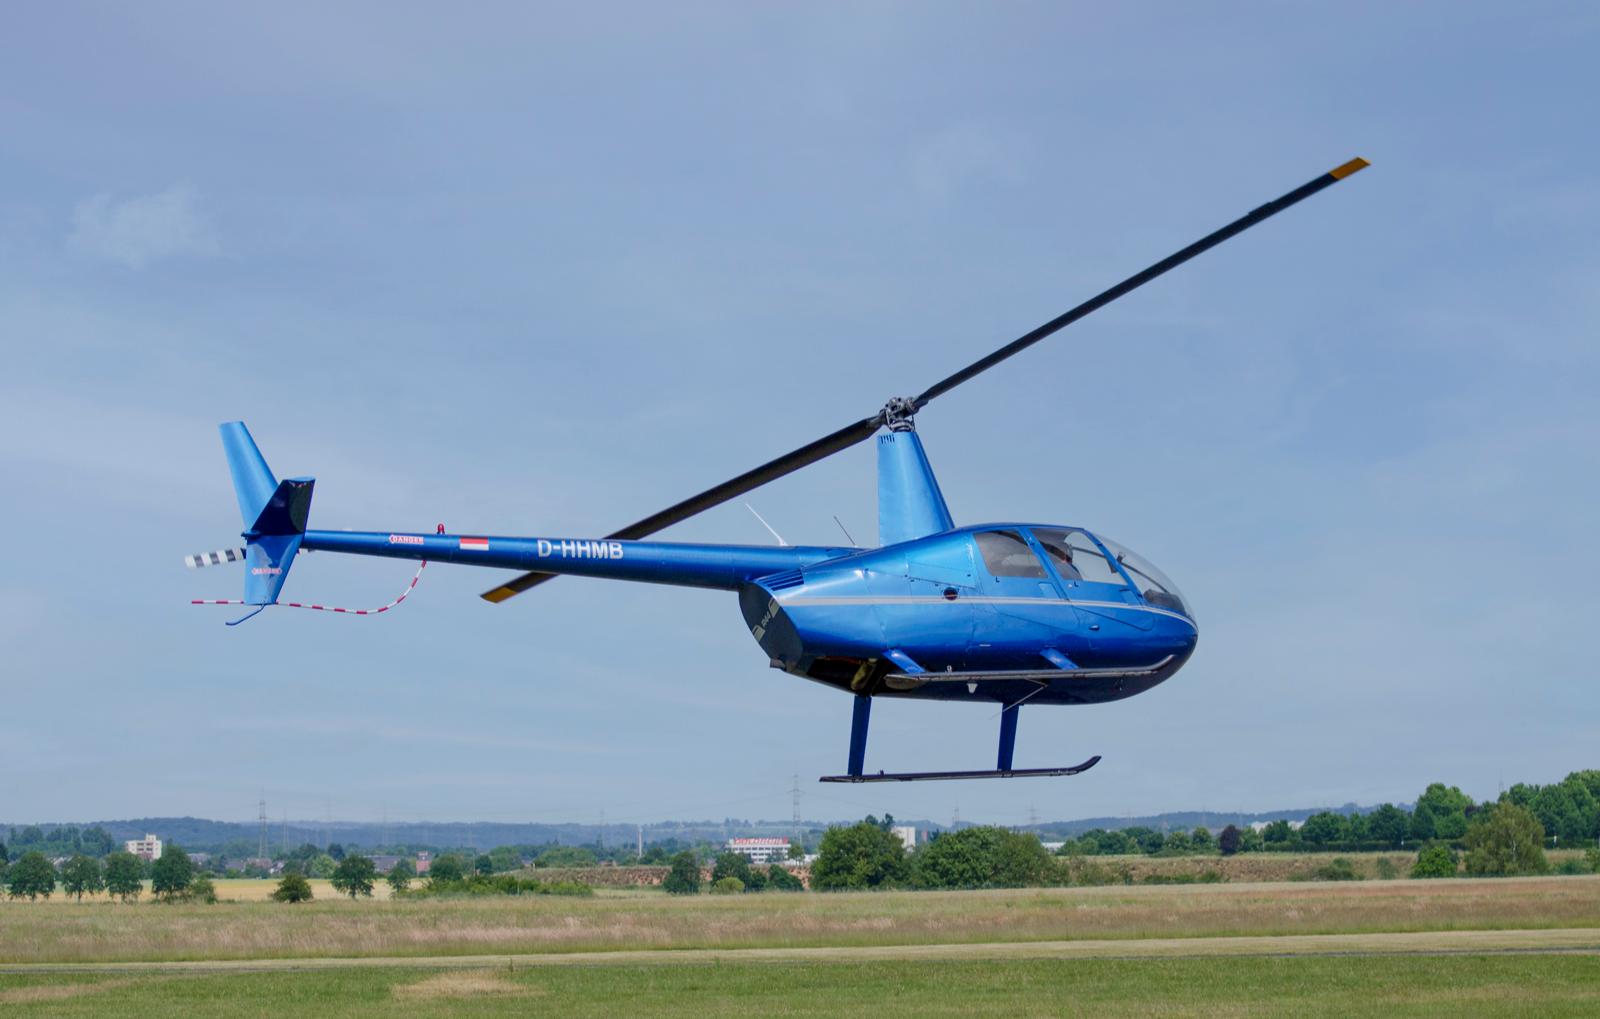 hubschrauber-rundflug-grosspoesna-bg2